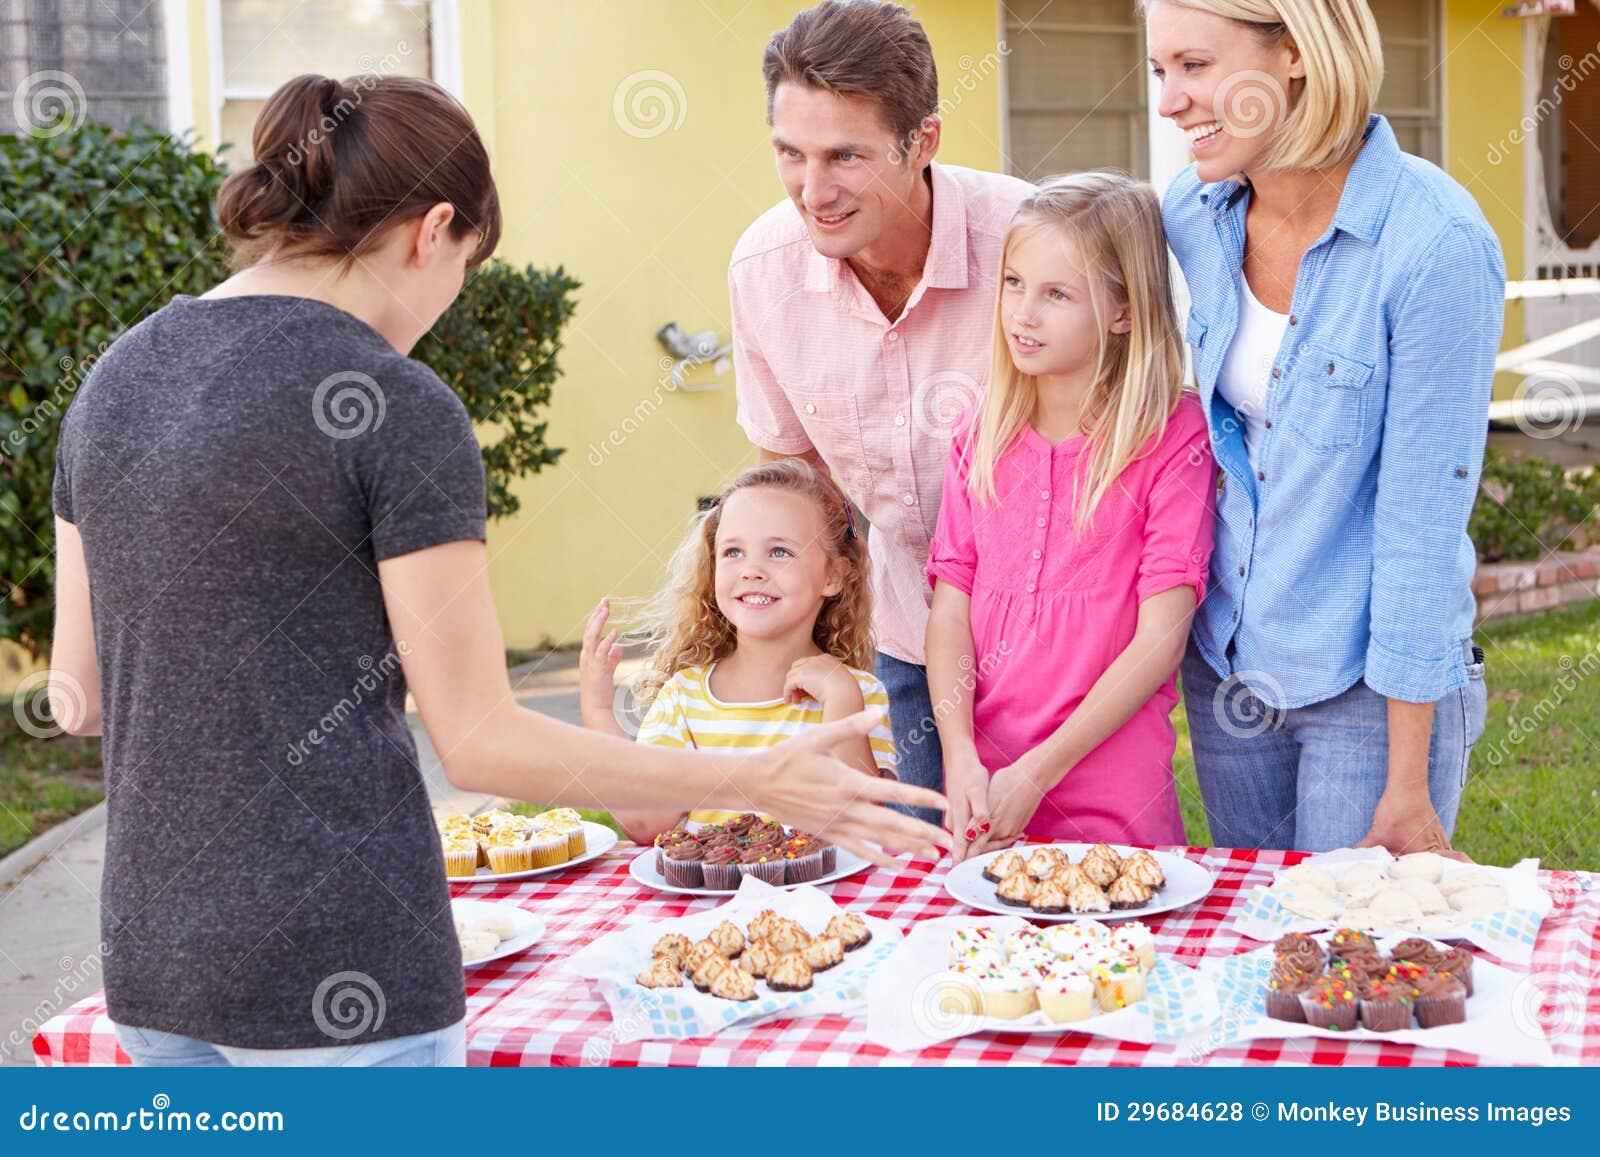 Призрение семьи идущее печет сбывание